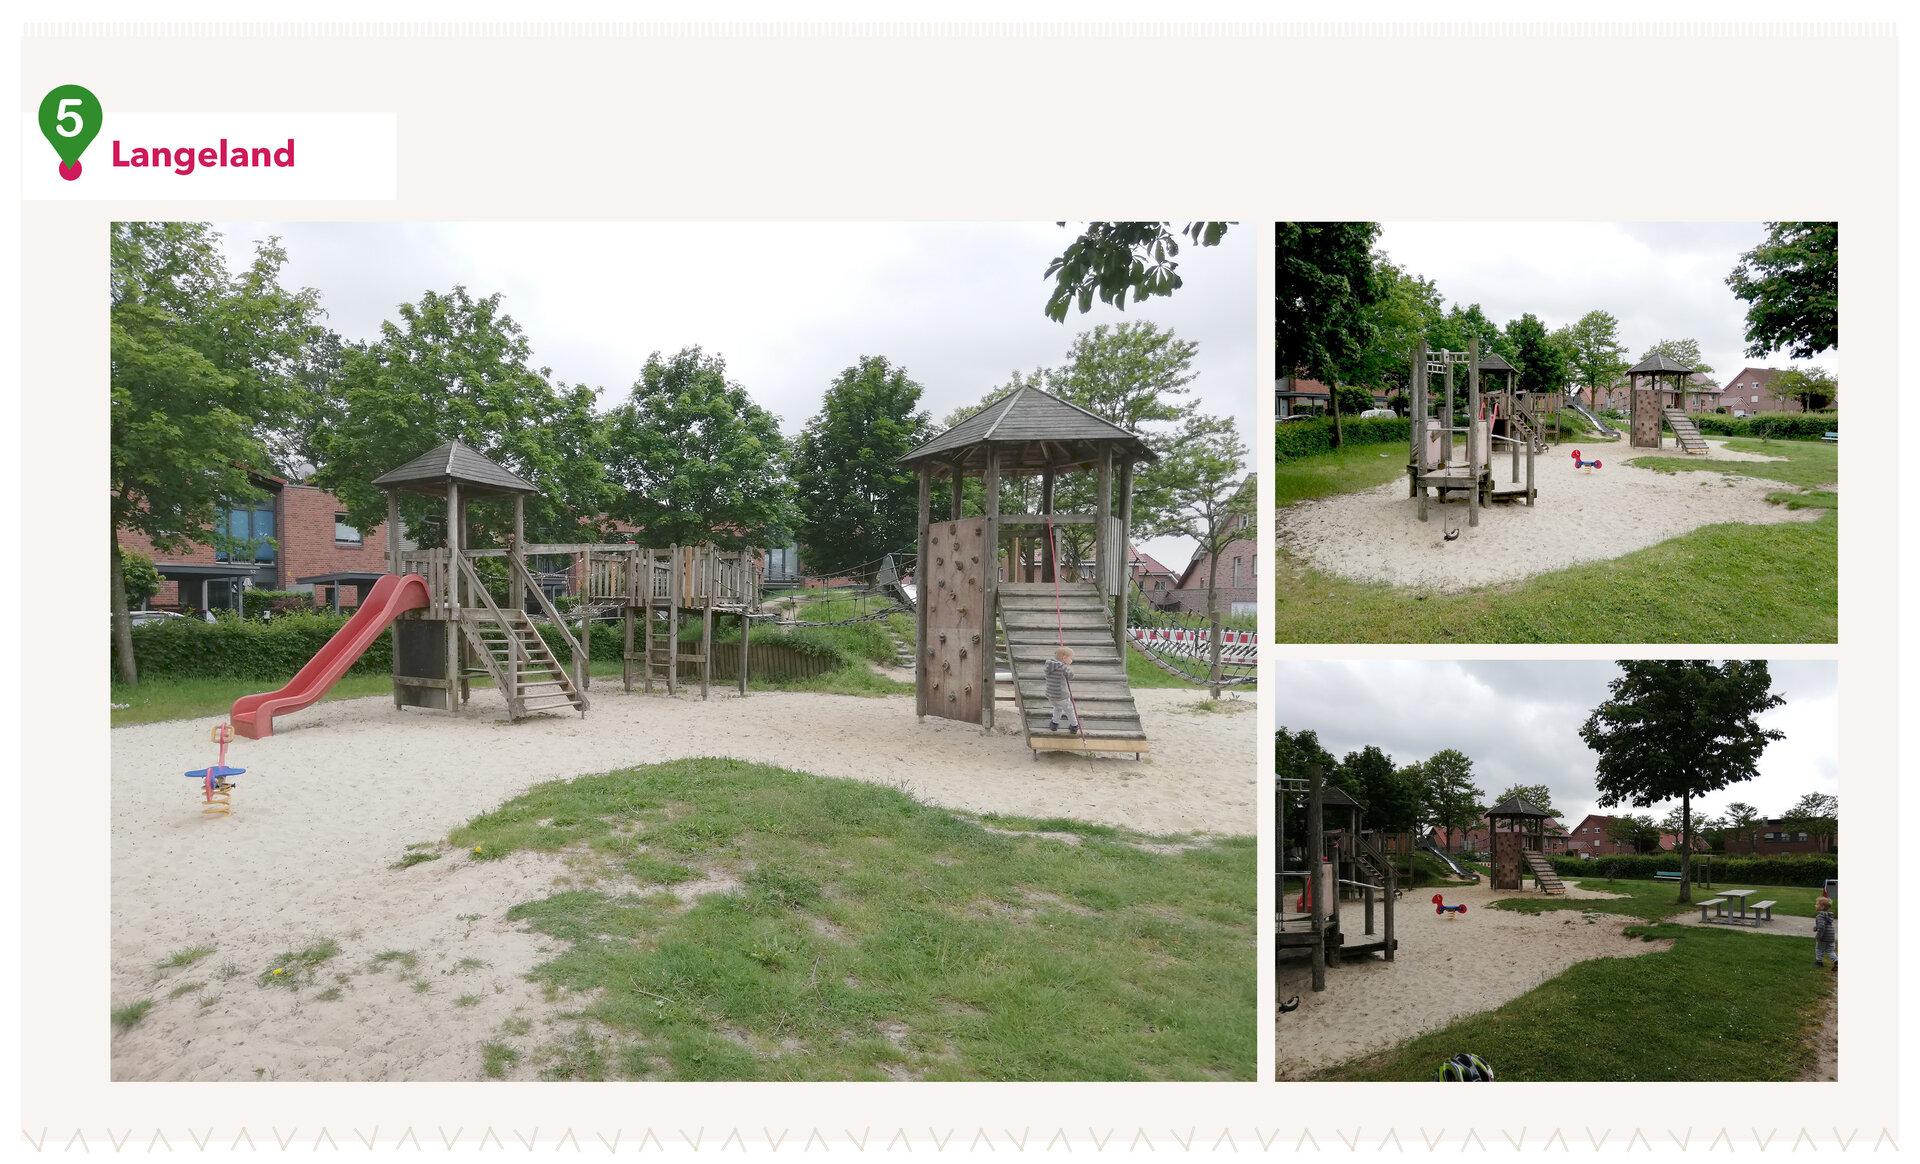 Spielplatz Langeland